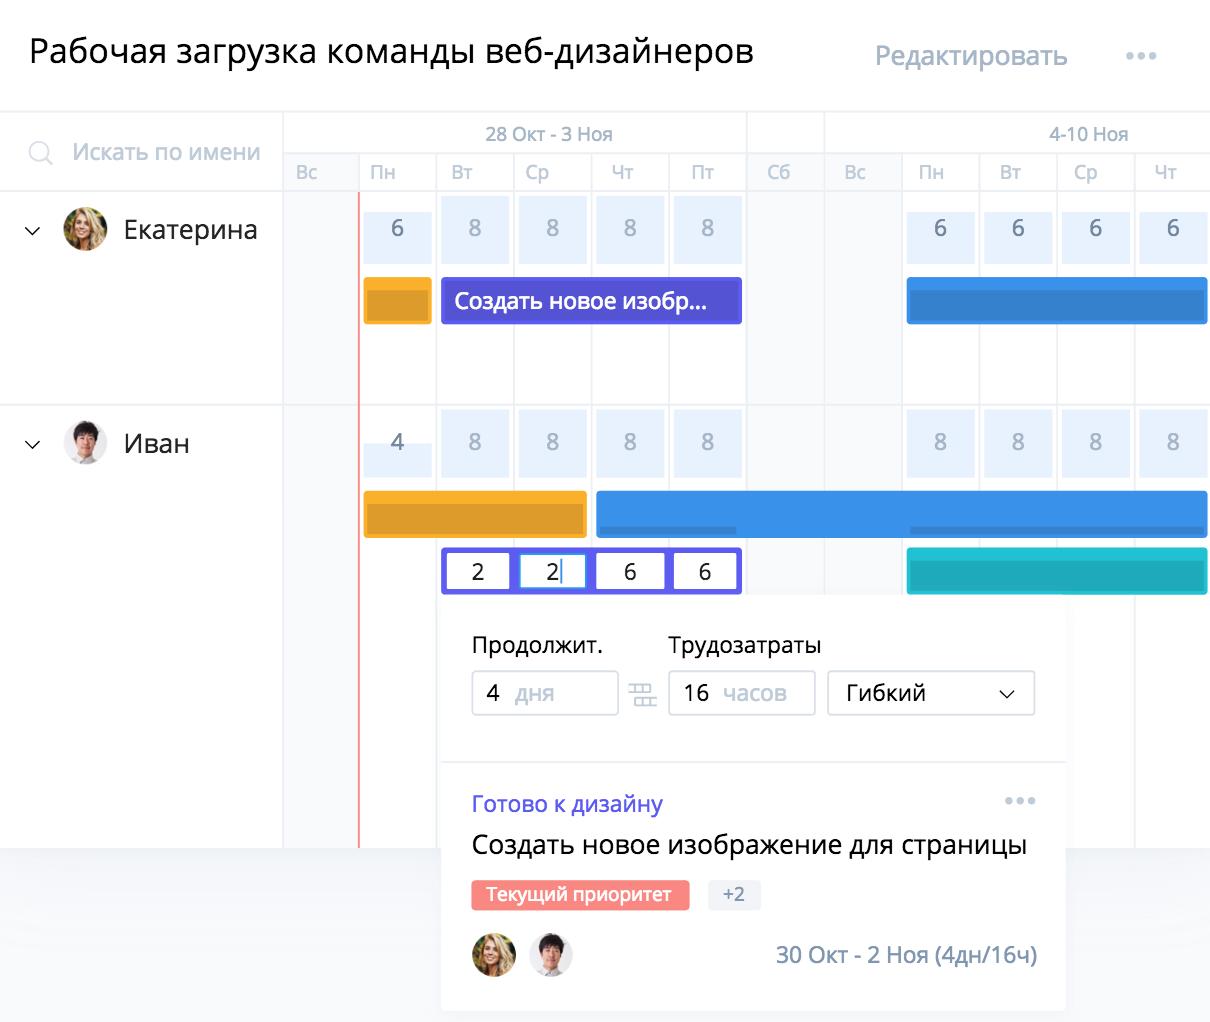 Wrike Resource: новый инструмент для управления загруженностью команды